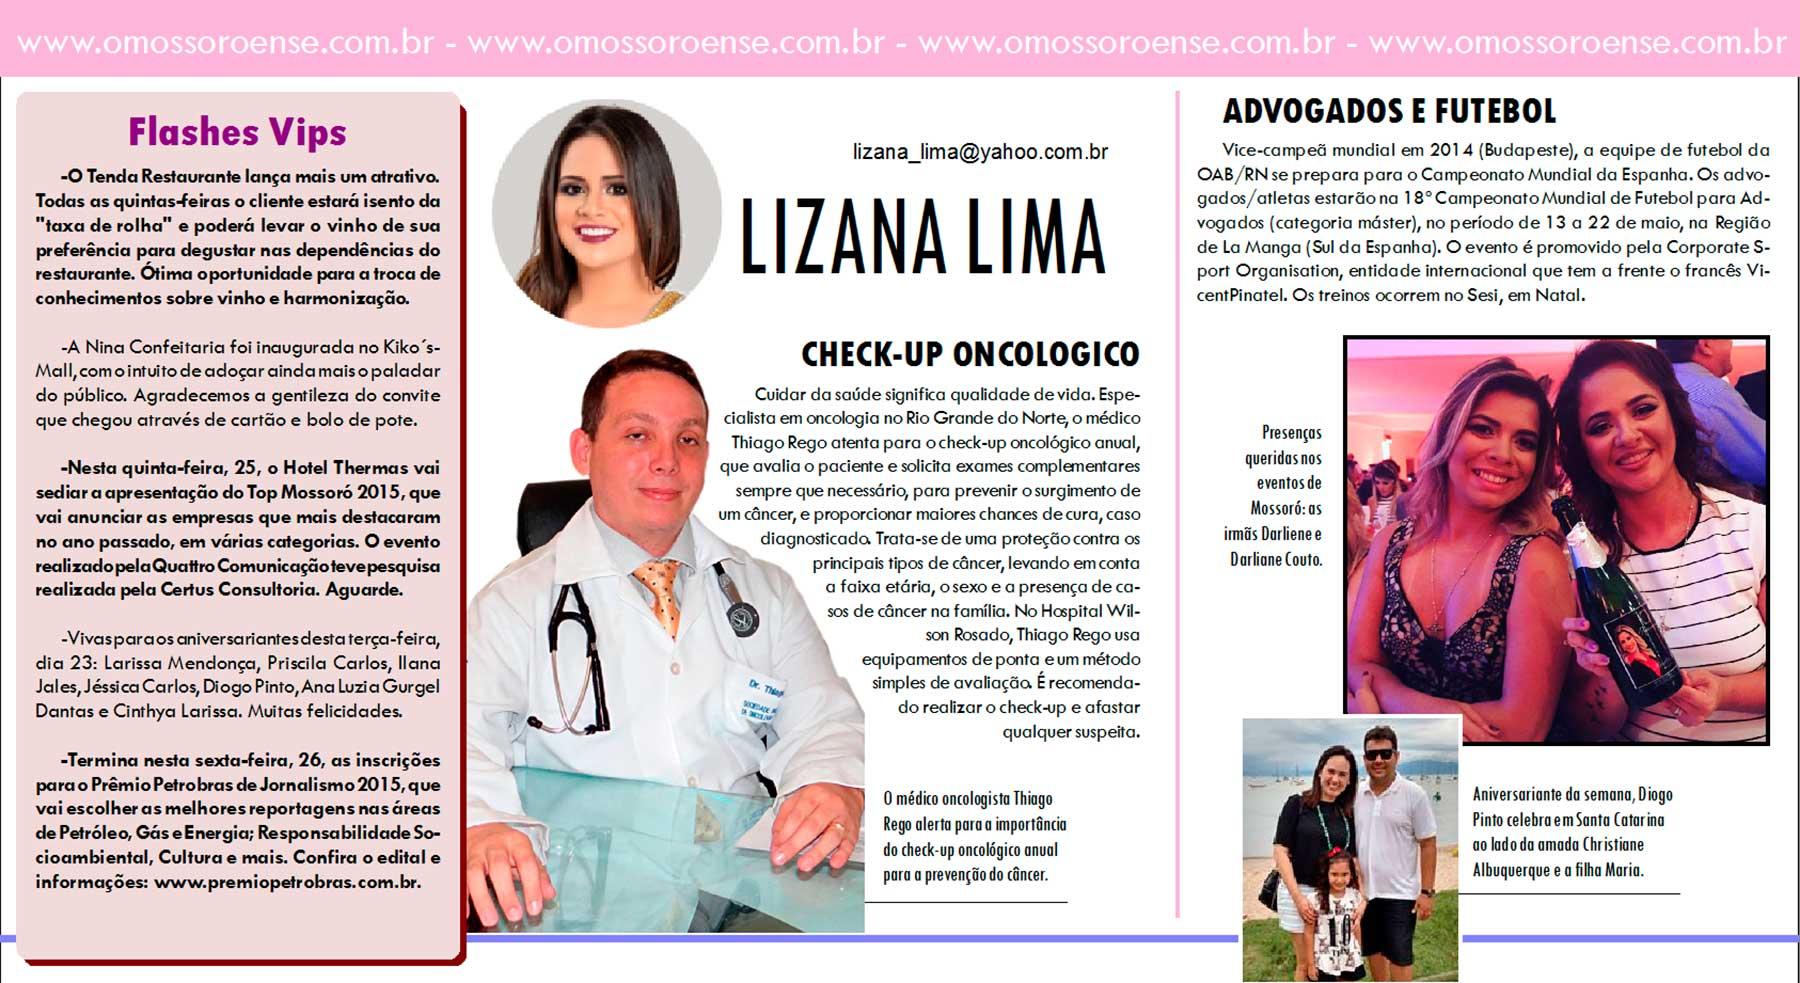 LIZANA-LIMA-23-02-16